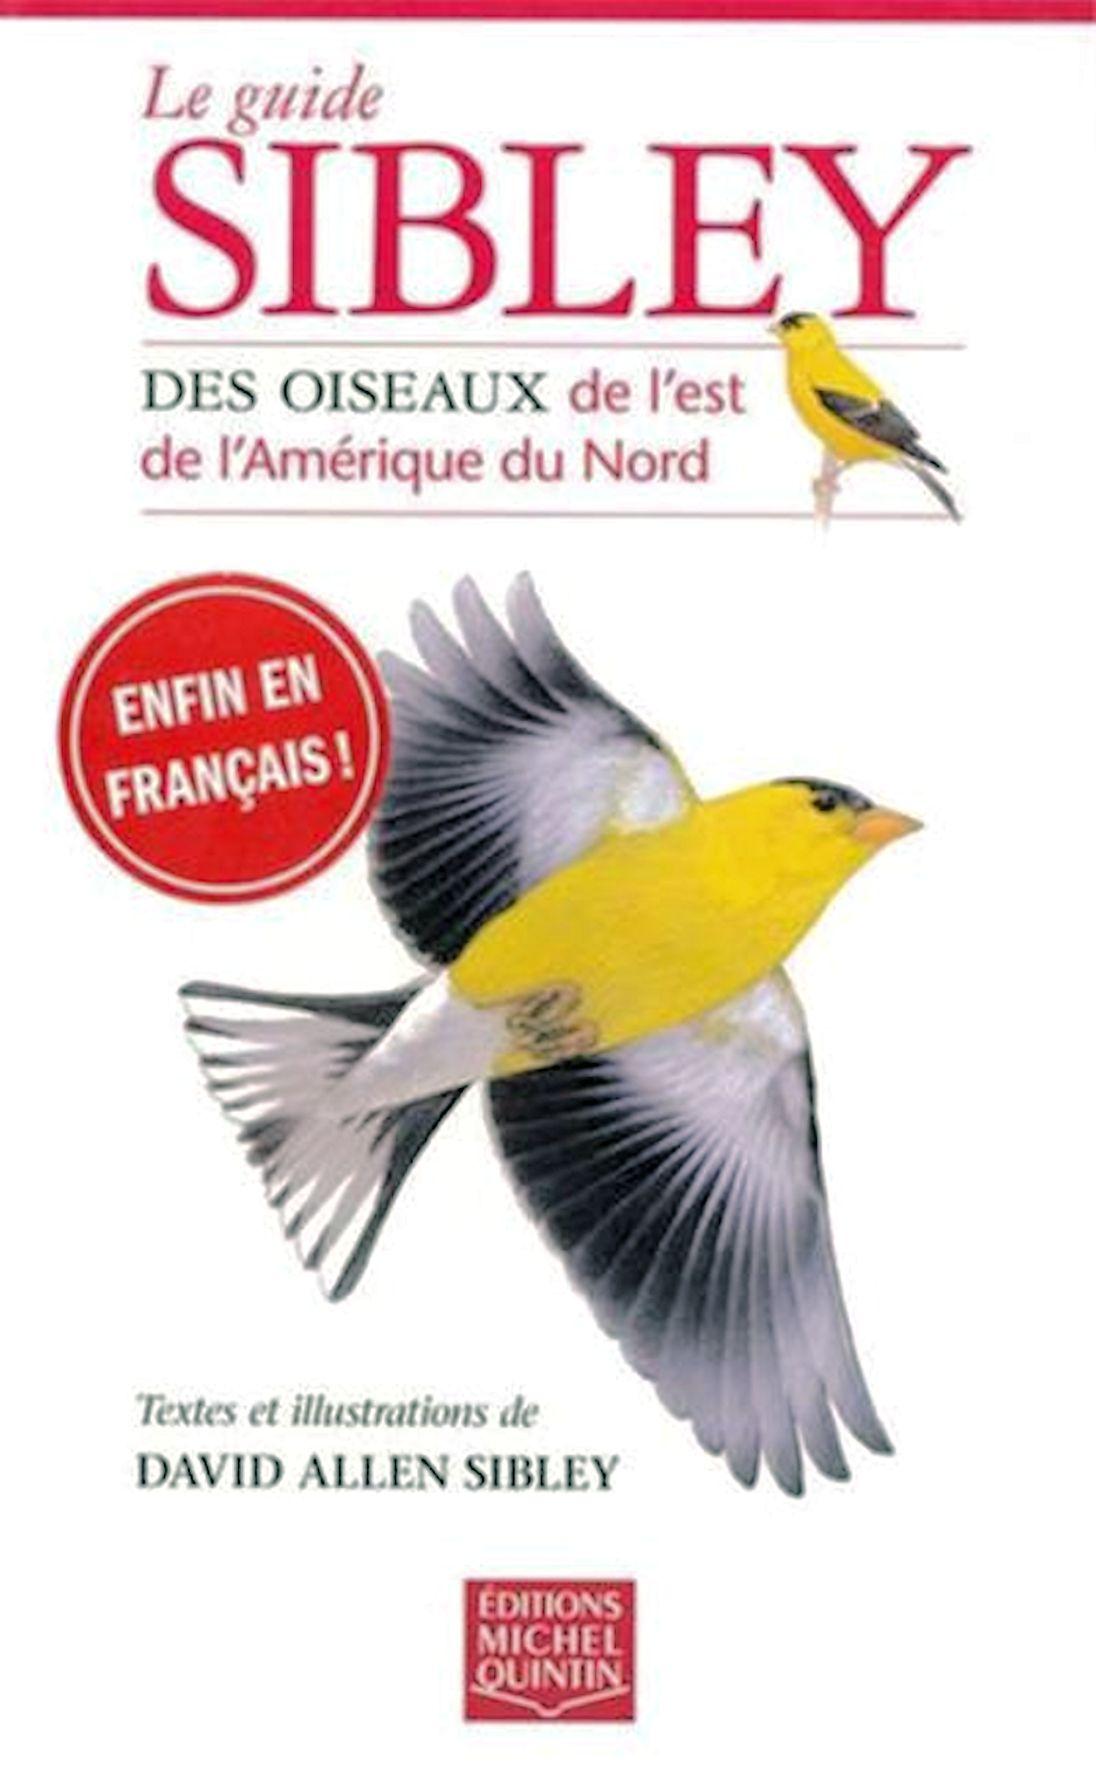 Sibley  les oiseaux de l'est de l'amérique du nord..jpg